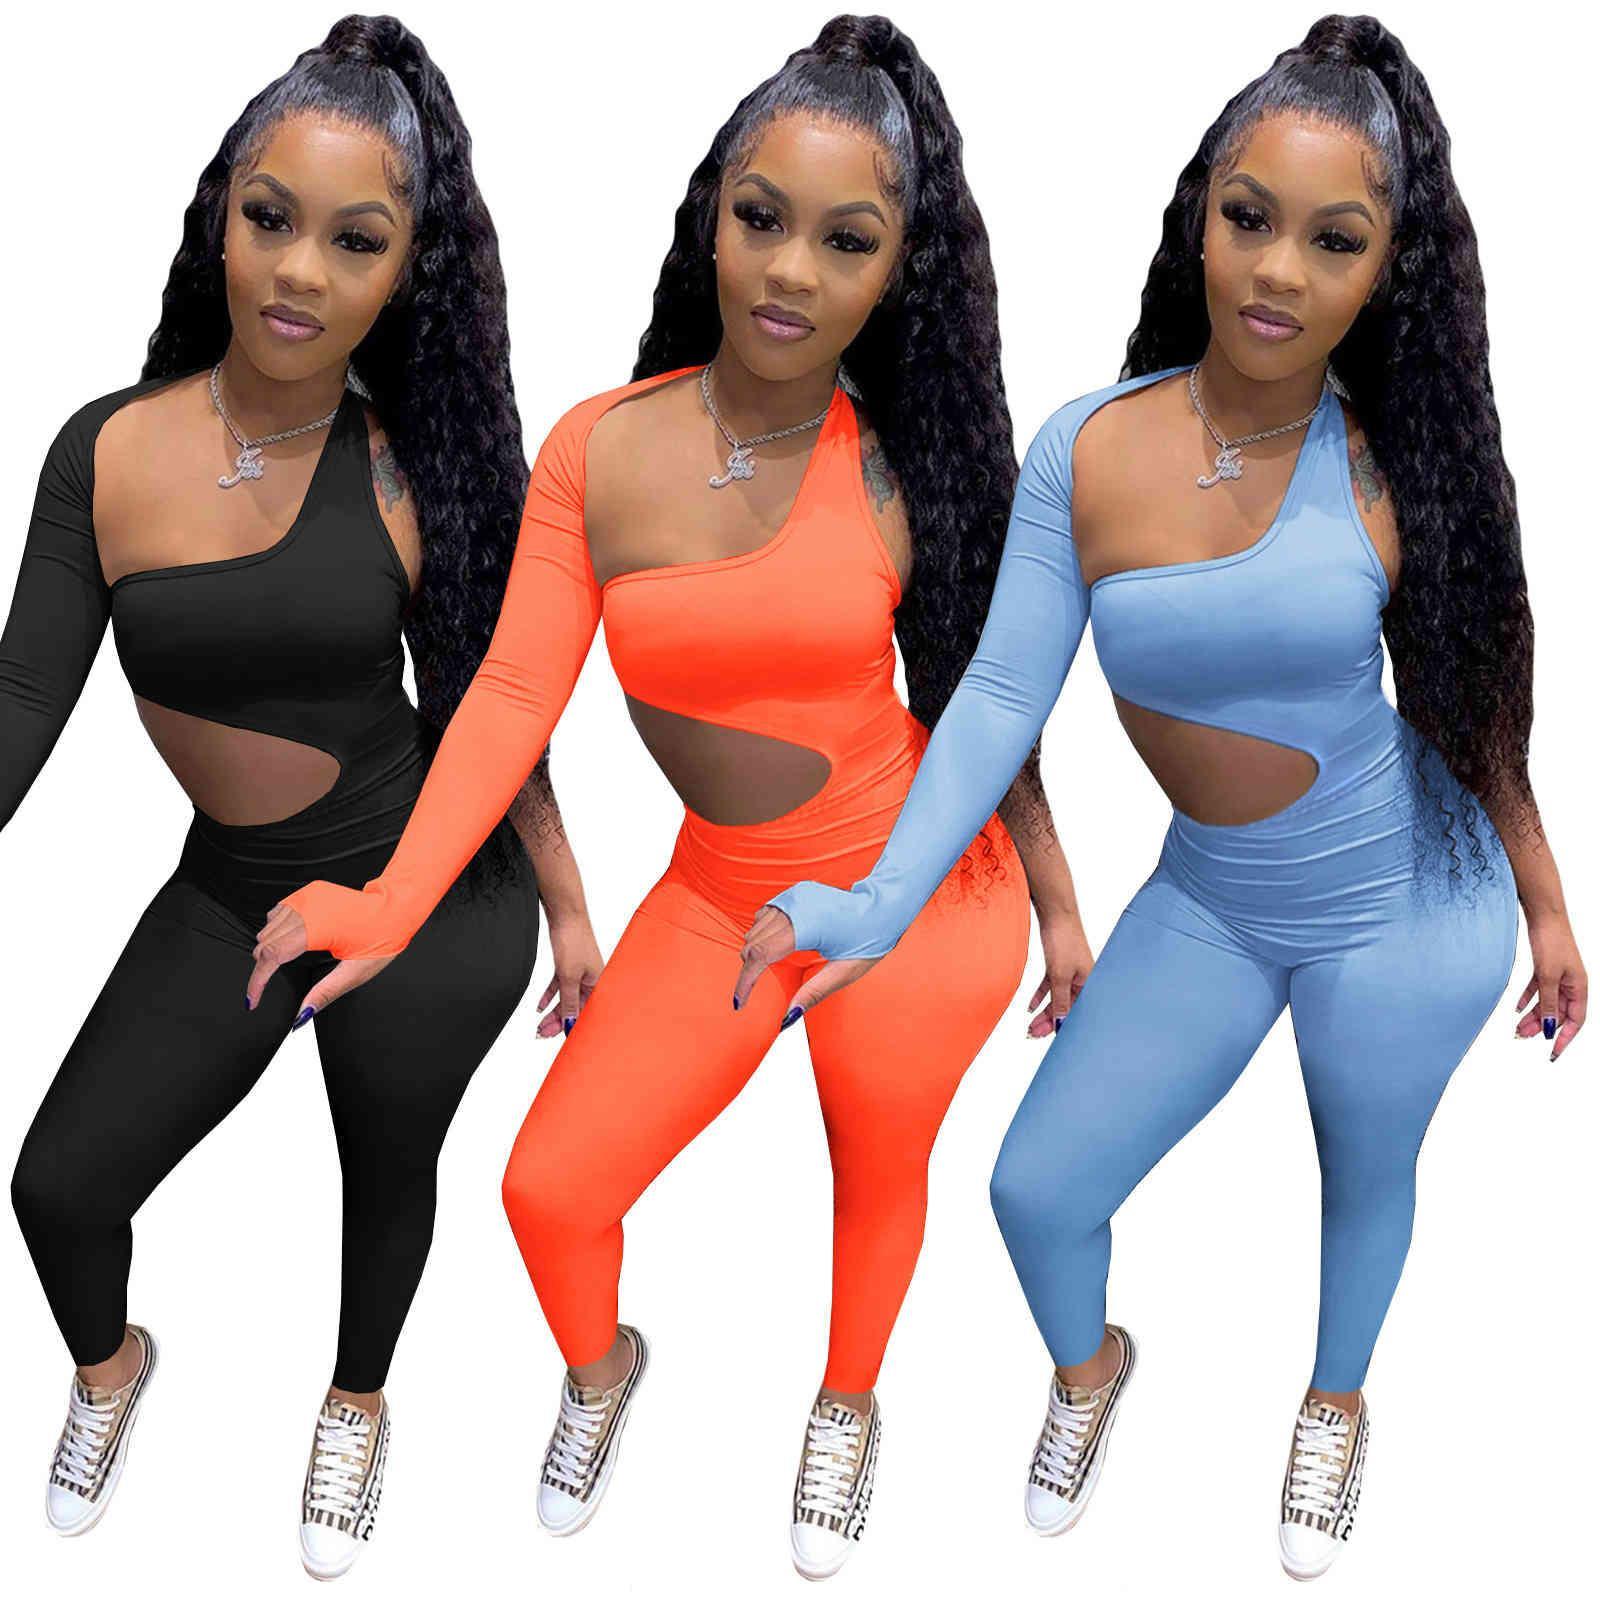 Frauen Zwei Stück Outfits Sexy Jumpsuits Strampler Schwarz Eine Schulter Shorts Hosen Trainingsanzüge Bodysuit Elegant Casual Jogging Nachtclub Kleidung 818